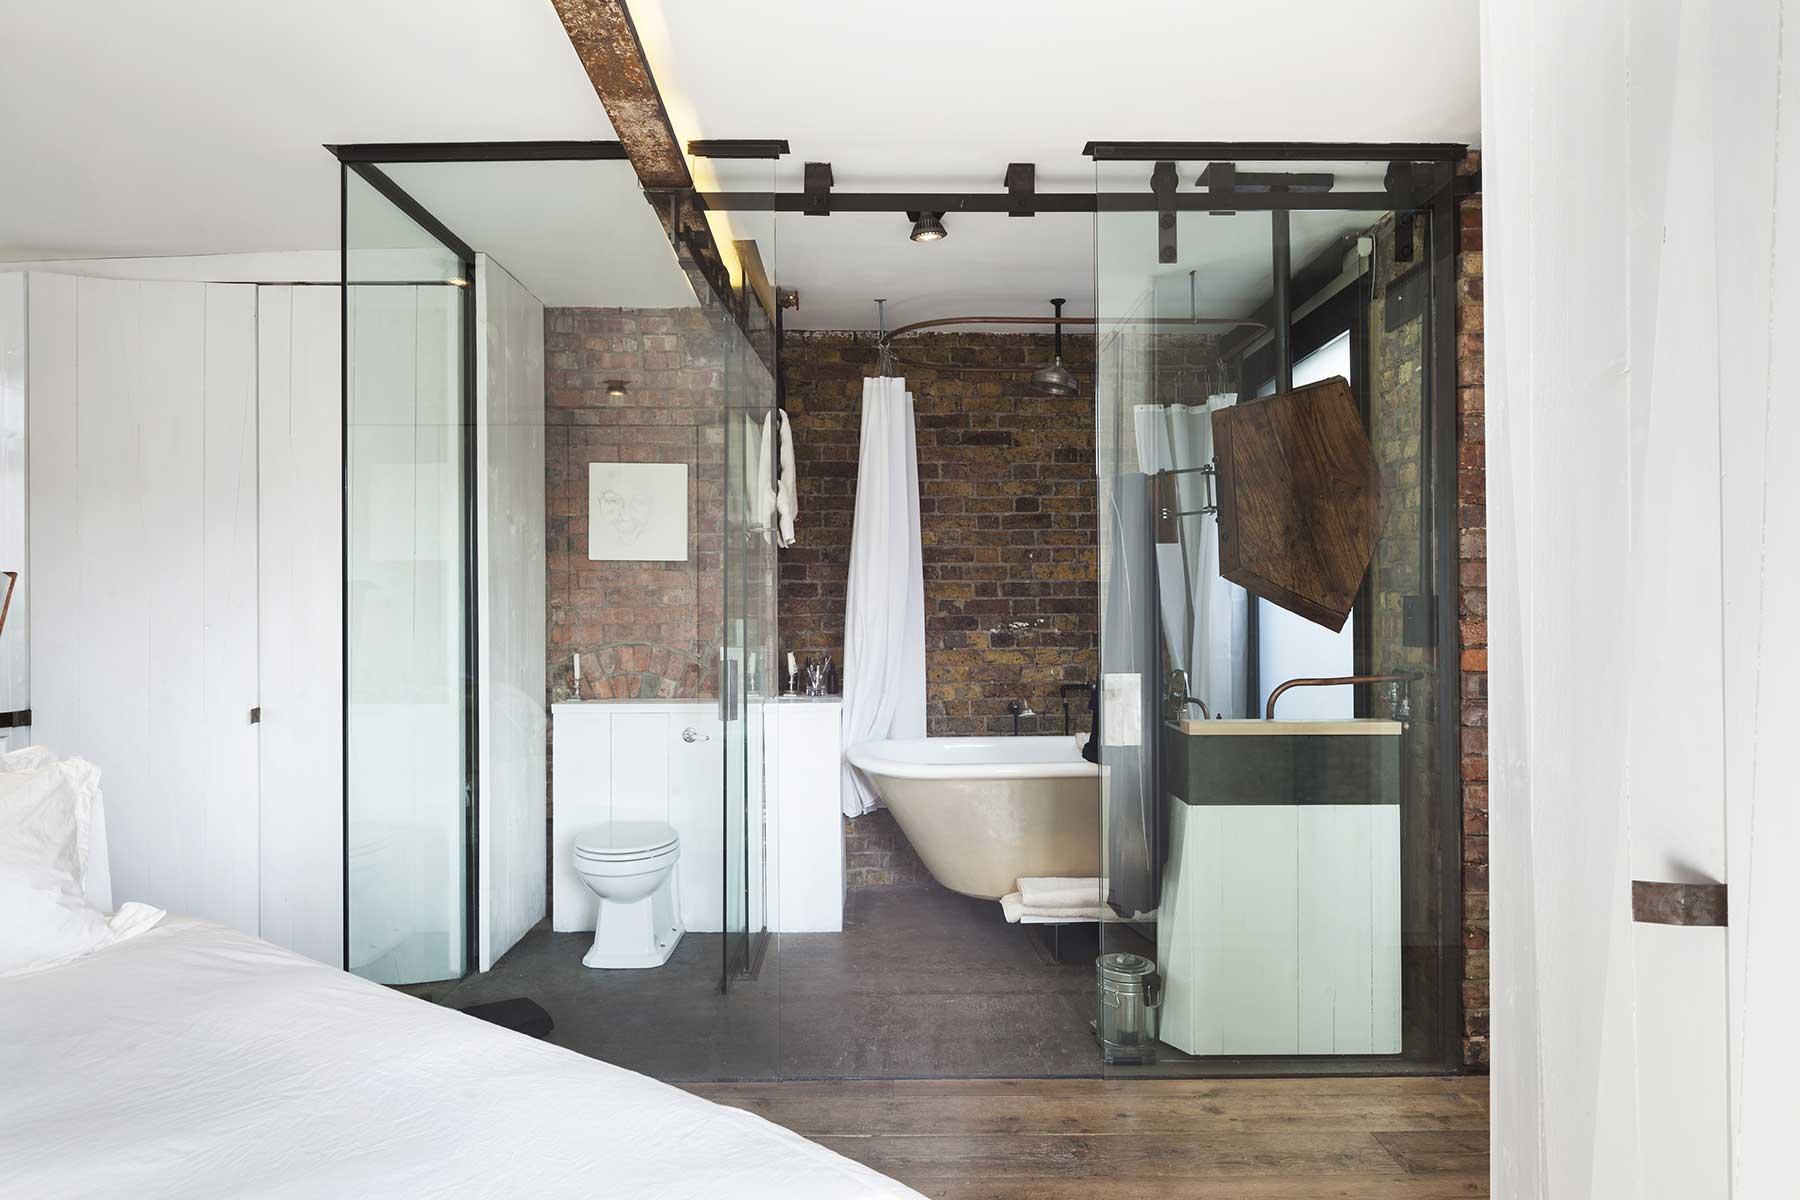 Très Salle de bains avec portes oulissantes en verre MW23